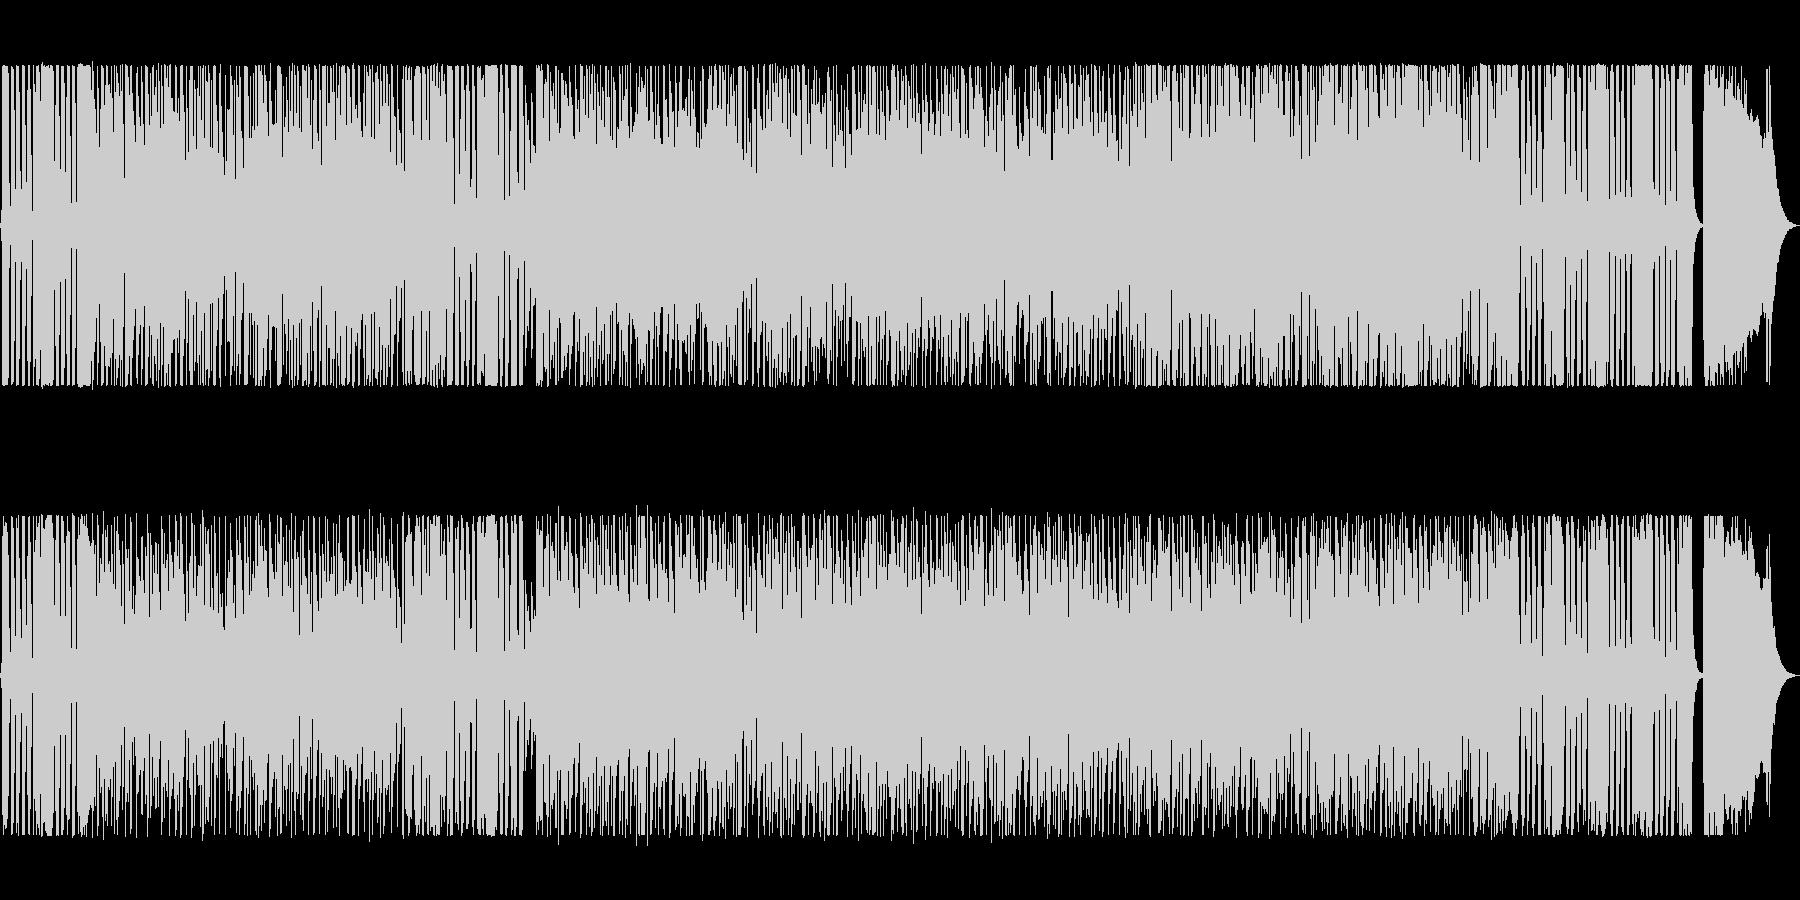 アコギが奏でる大人のサウンドの未再生の波形